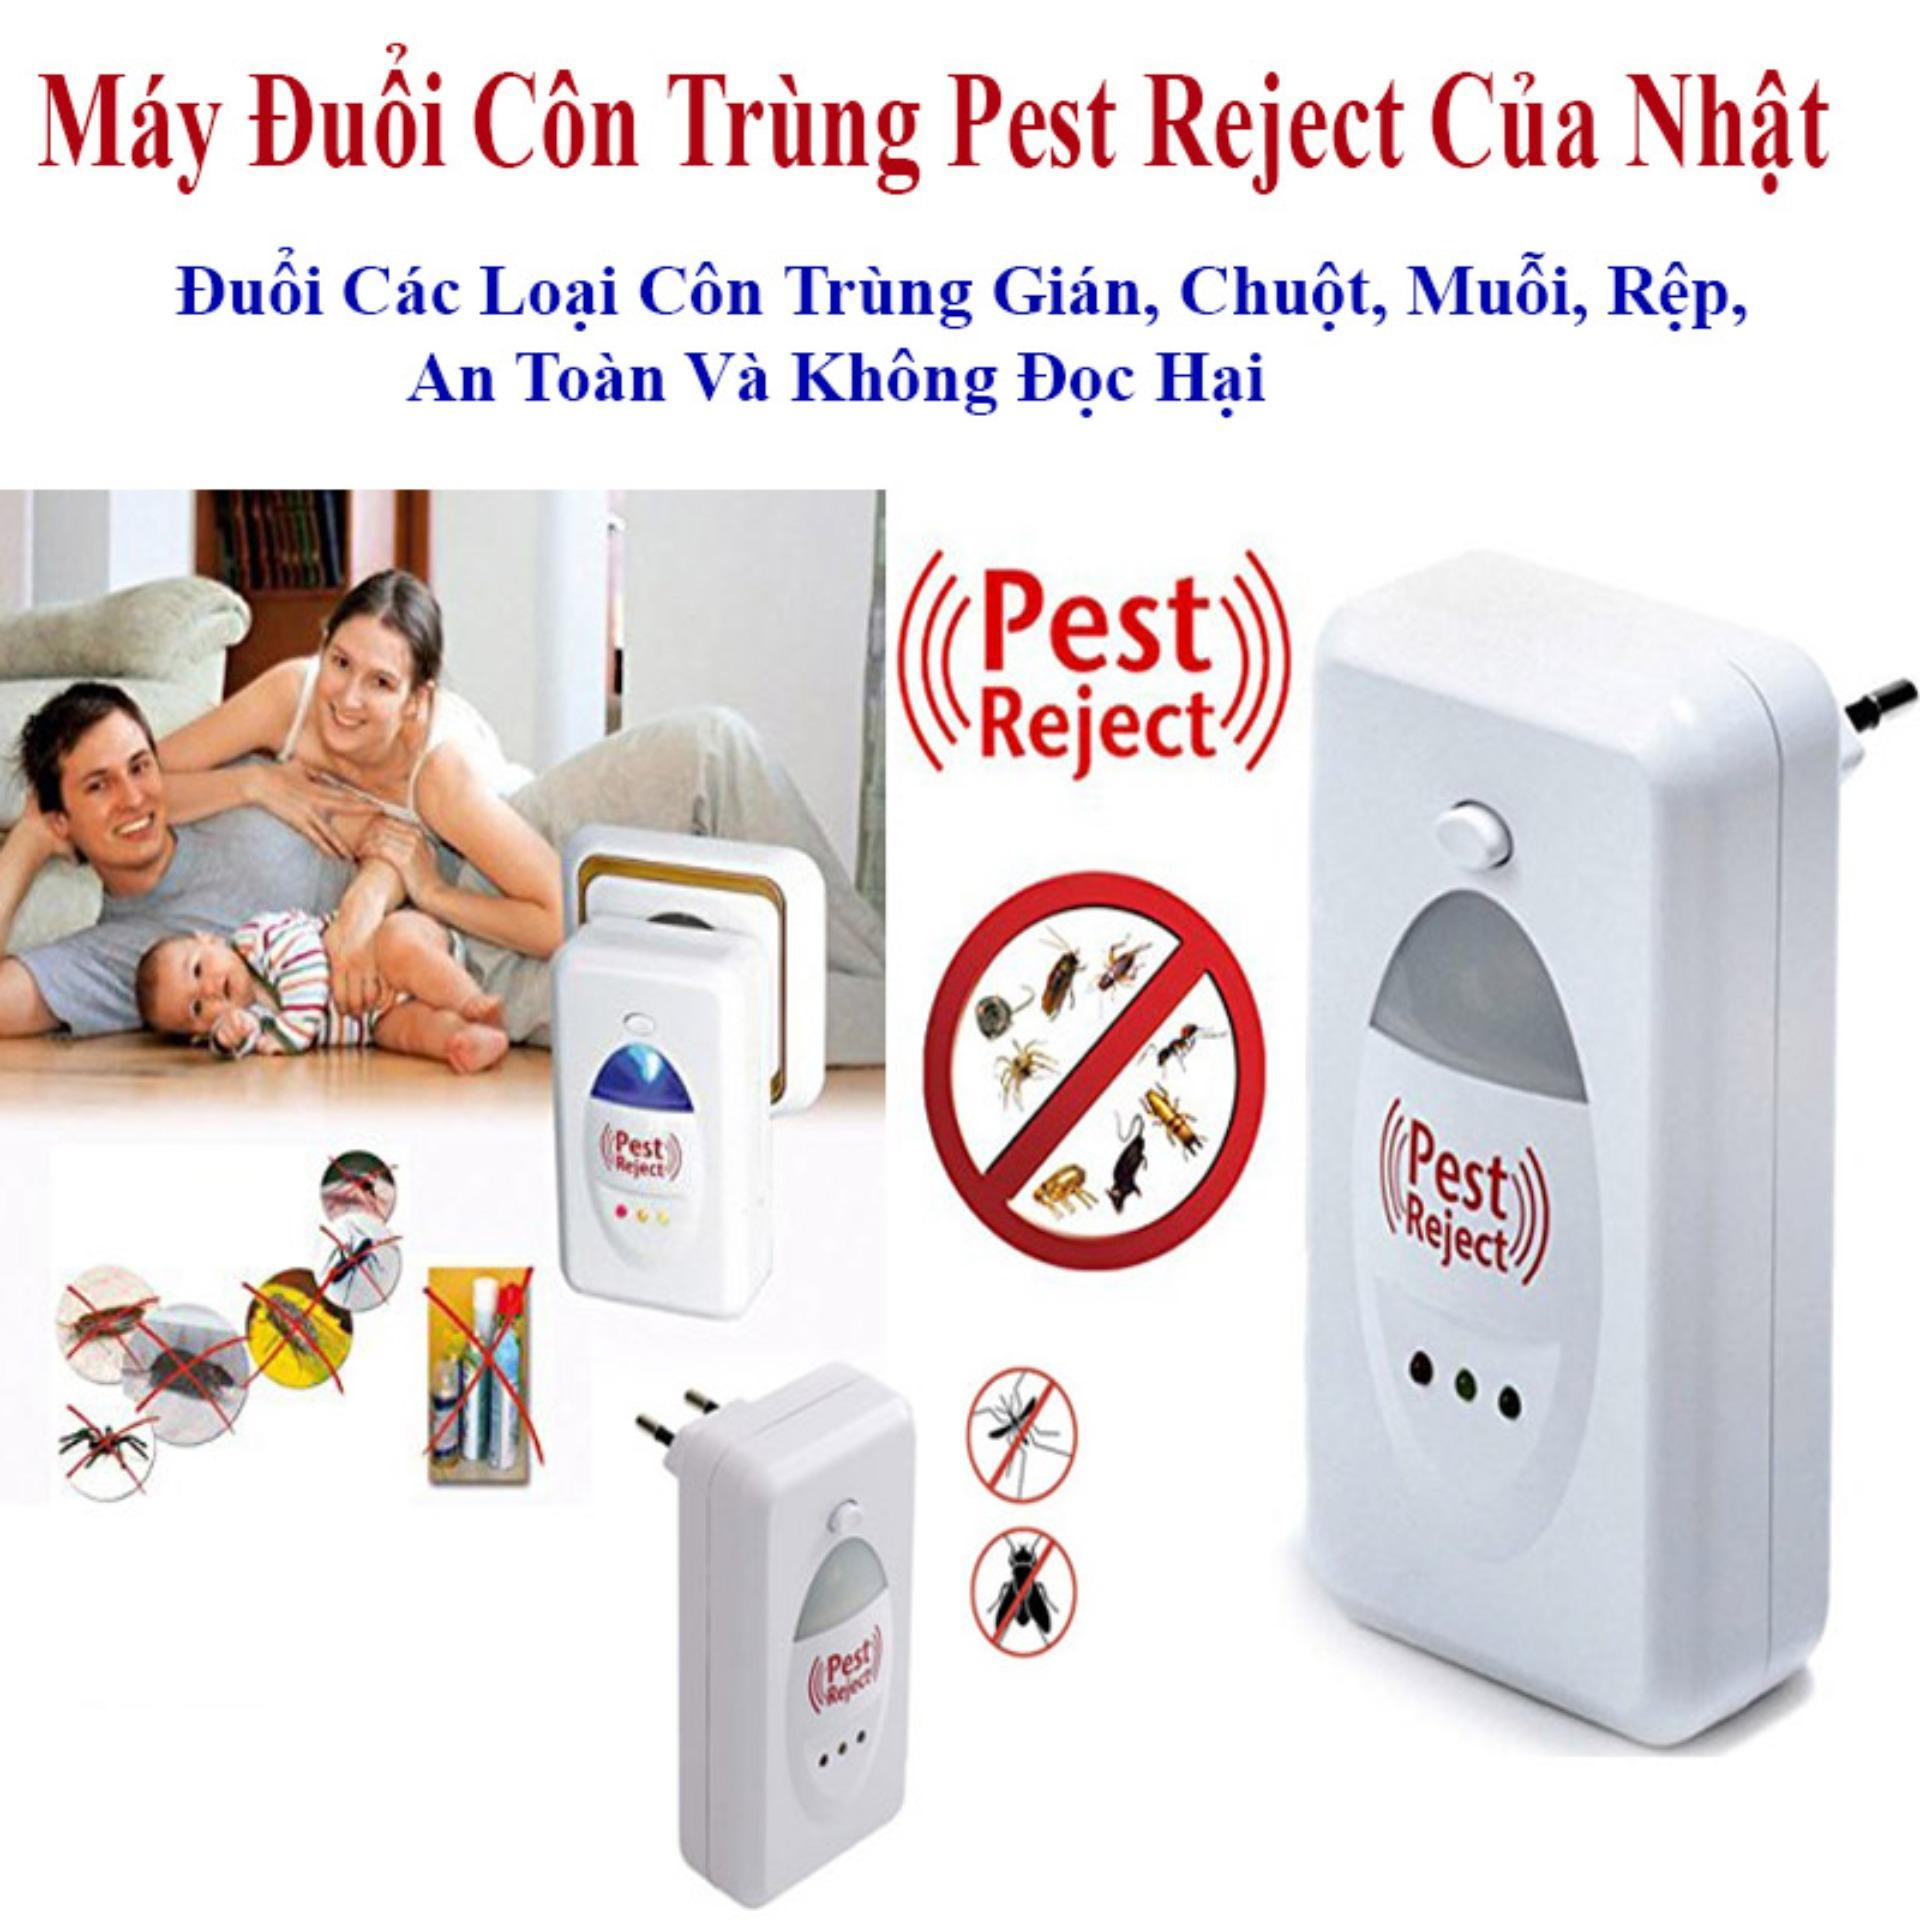 Máy đuổi muỗi, Máy đuổi chuột gián muỗi và côn trùng Pest Reject, Thuốc diệt kiến, Đèn bắt muỗi, May duoi con trung, Thiet bị diet muoi hieu quả-  An toàn cho sức khỏe cả gia đình bạn- Bảo hành 12 tháng